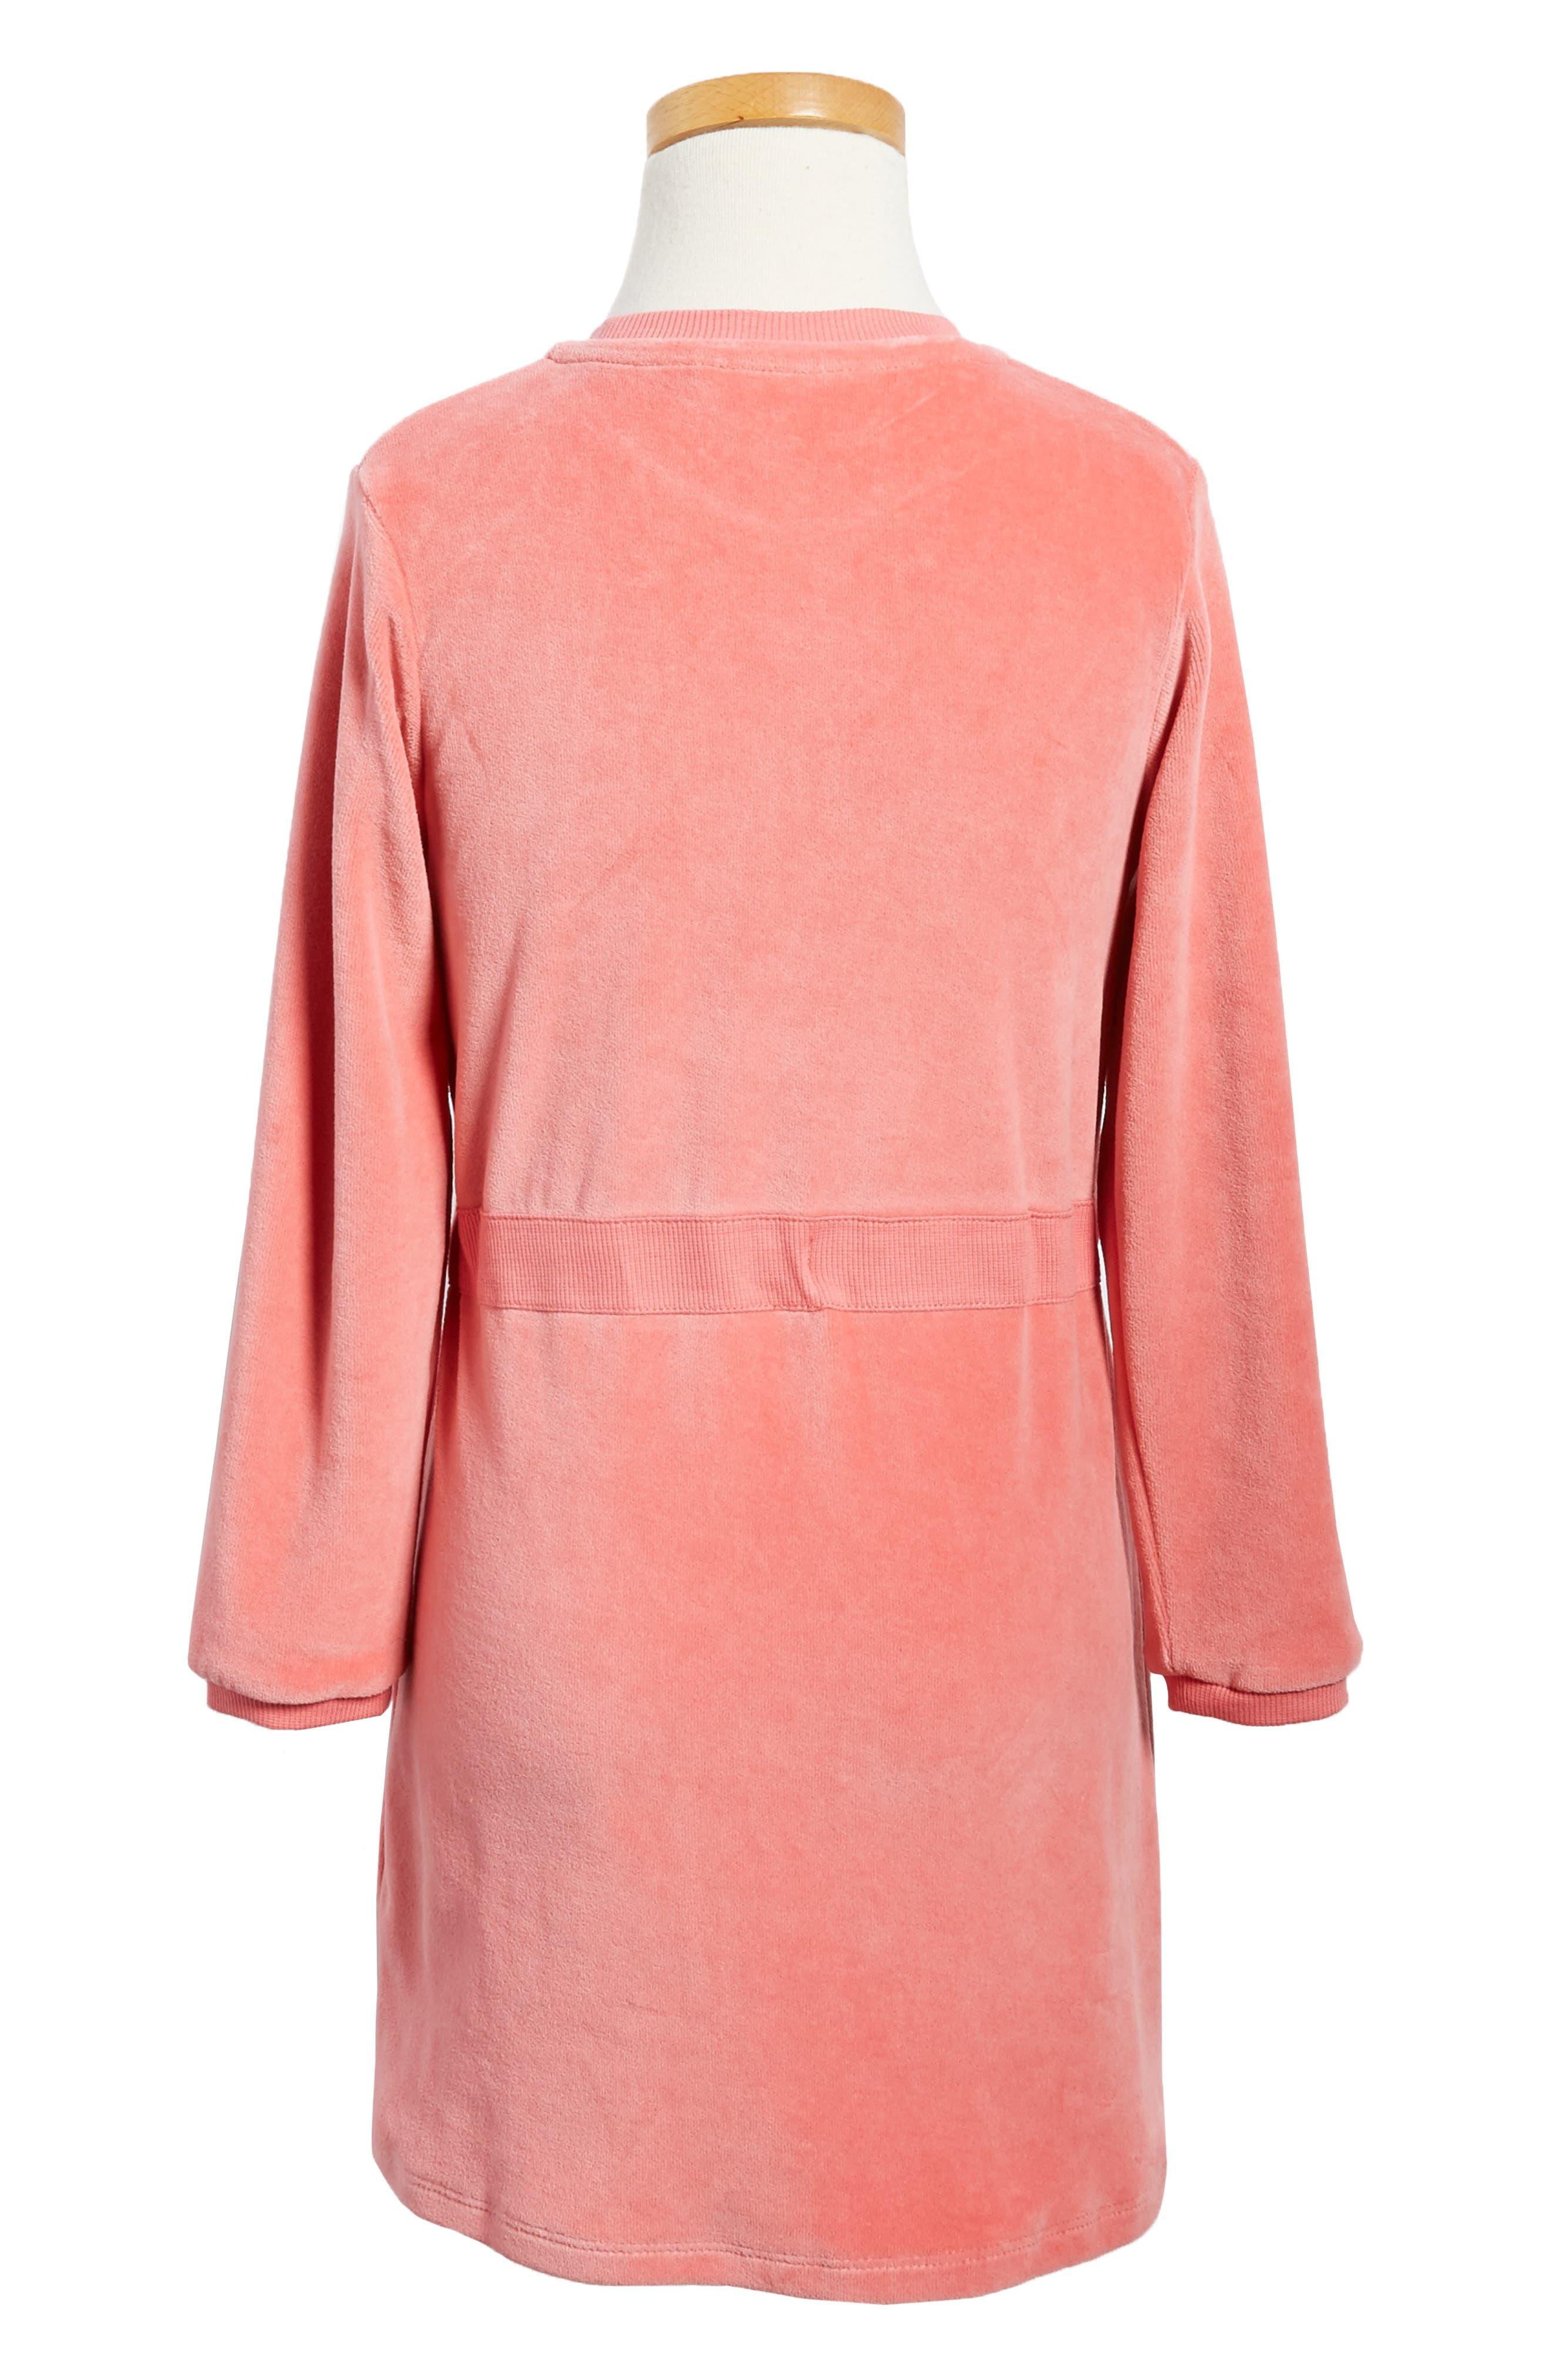 Alternate Image 2  - Mini Rodini Fox Appliqué Velour Dress (Toddler Girls & Little Girls)